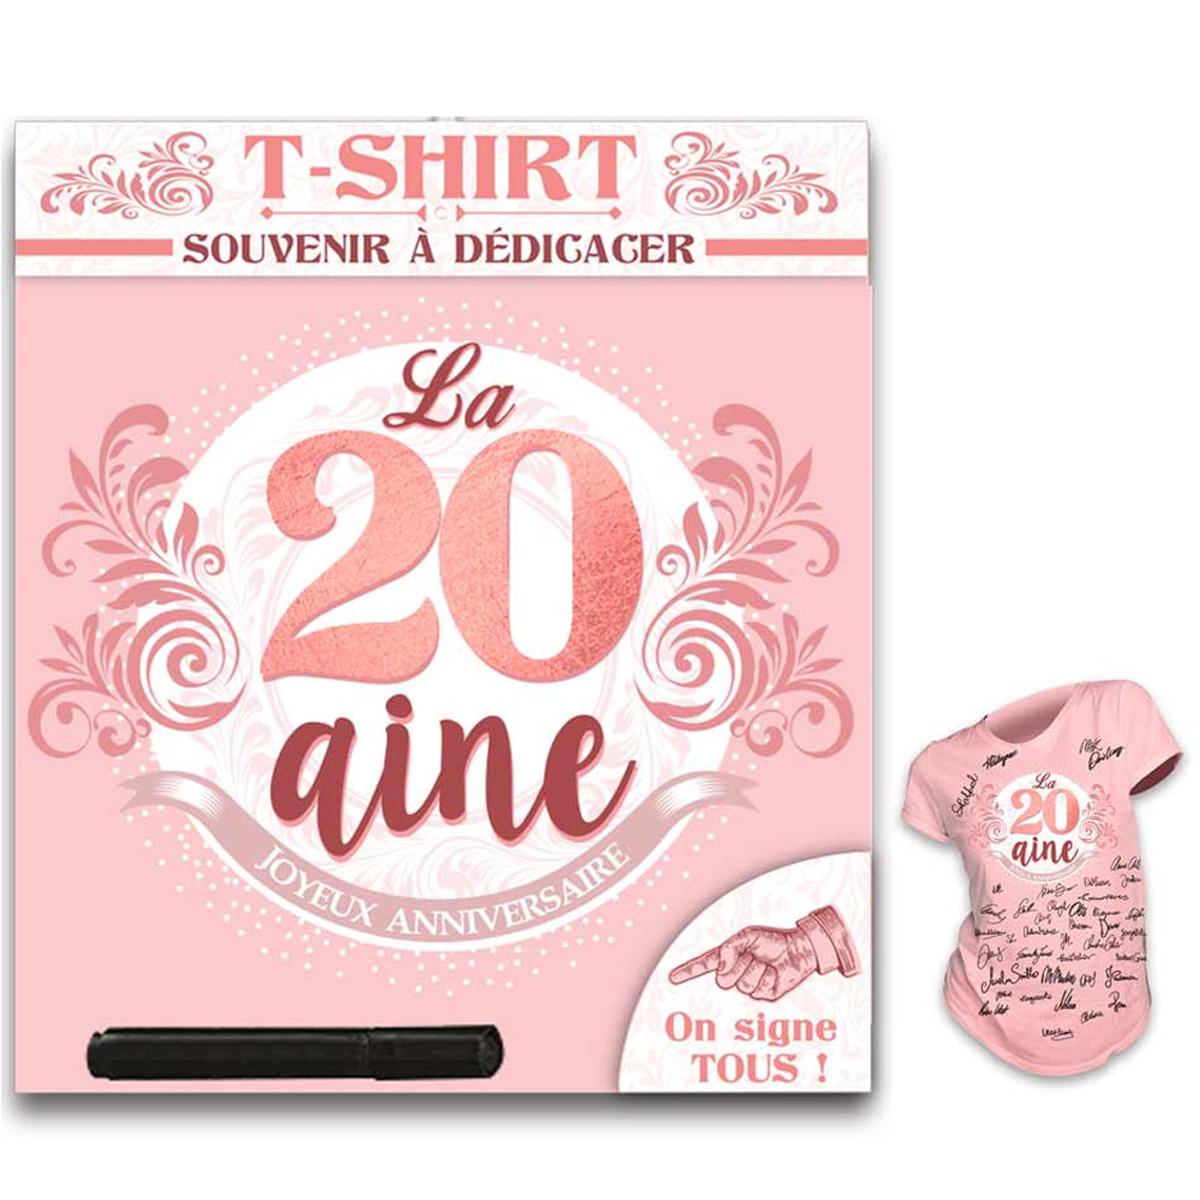 T-shirt \'20 aine\' rose blanc - (dédicace) - [R1421]